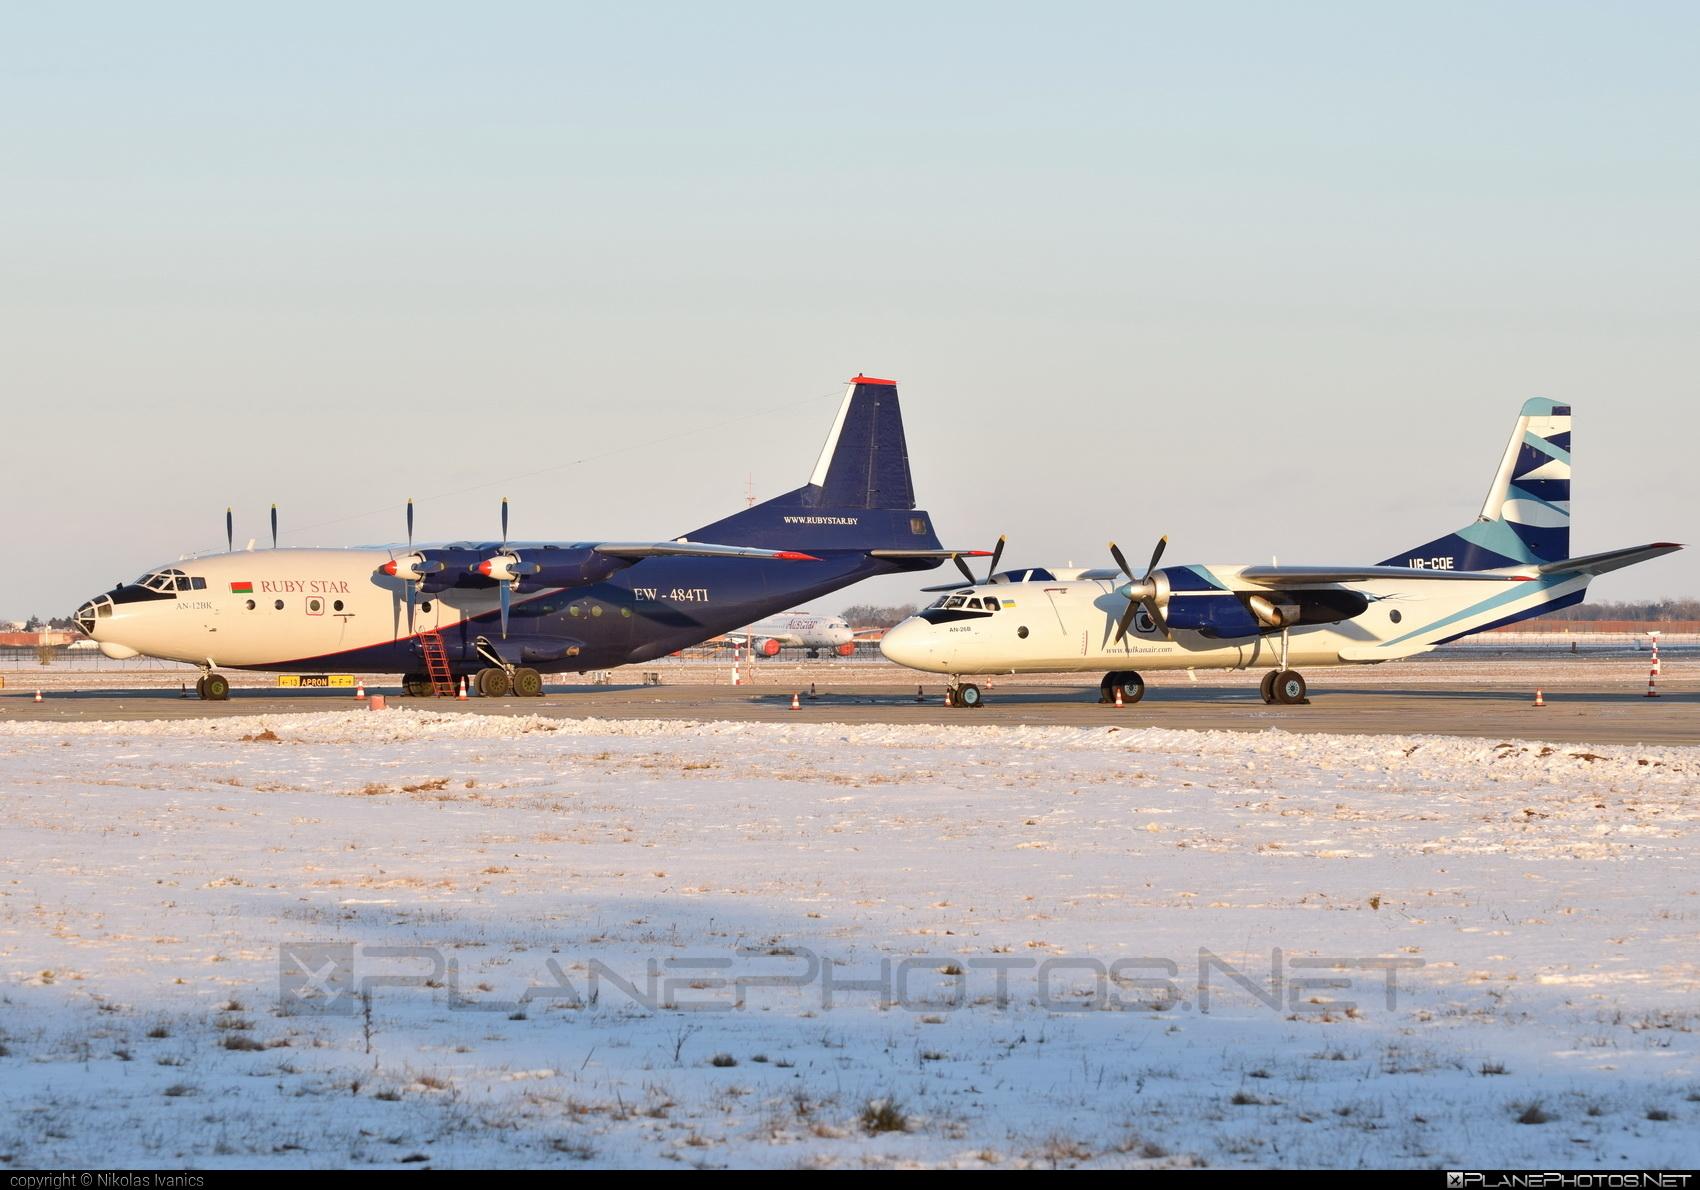 Antonov An-12BK - EW-484TI operated by RubyStar #an12 #an12bk #antonov #antonov12 #rubystar